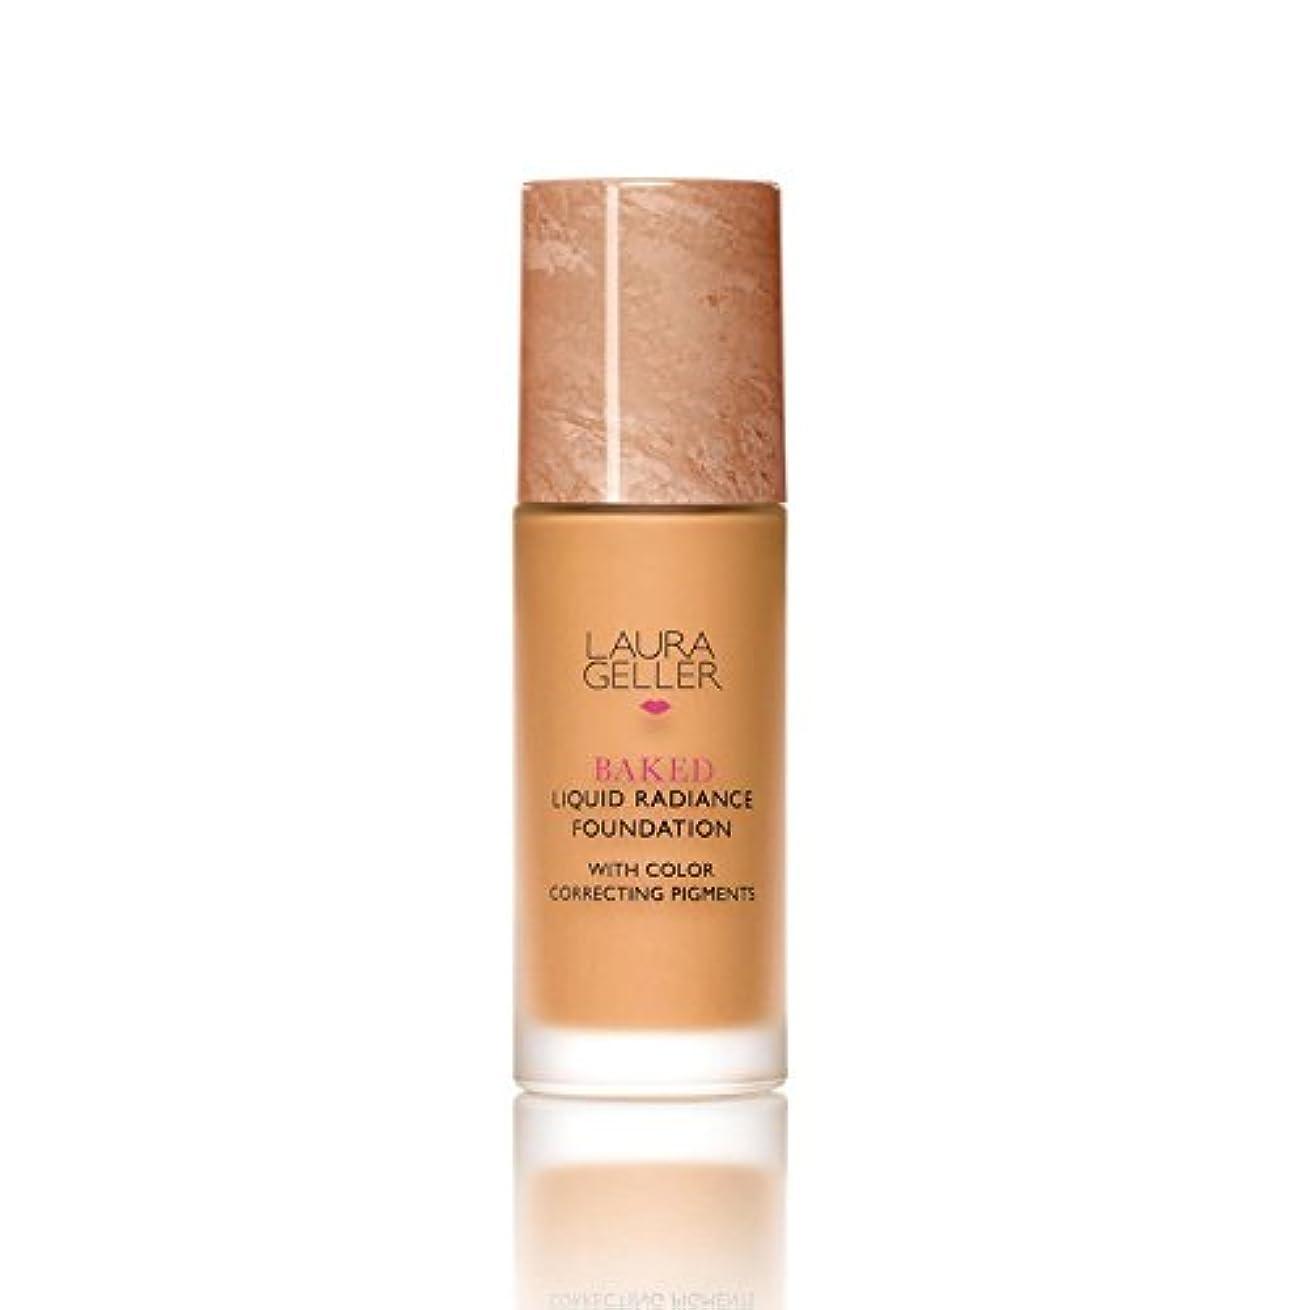 援助セットアップキャプションLaura Geller New York Baked Liquid Radiance Foundation Tan (Pack of 6) - ローラ?ゲラーニューヨーク焼いた液体放射輝度基盤日焼け x6 [並行輸入品]